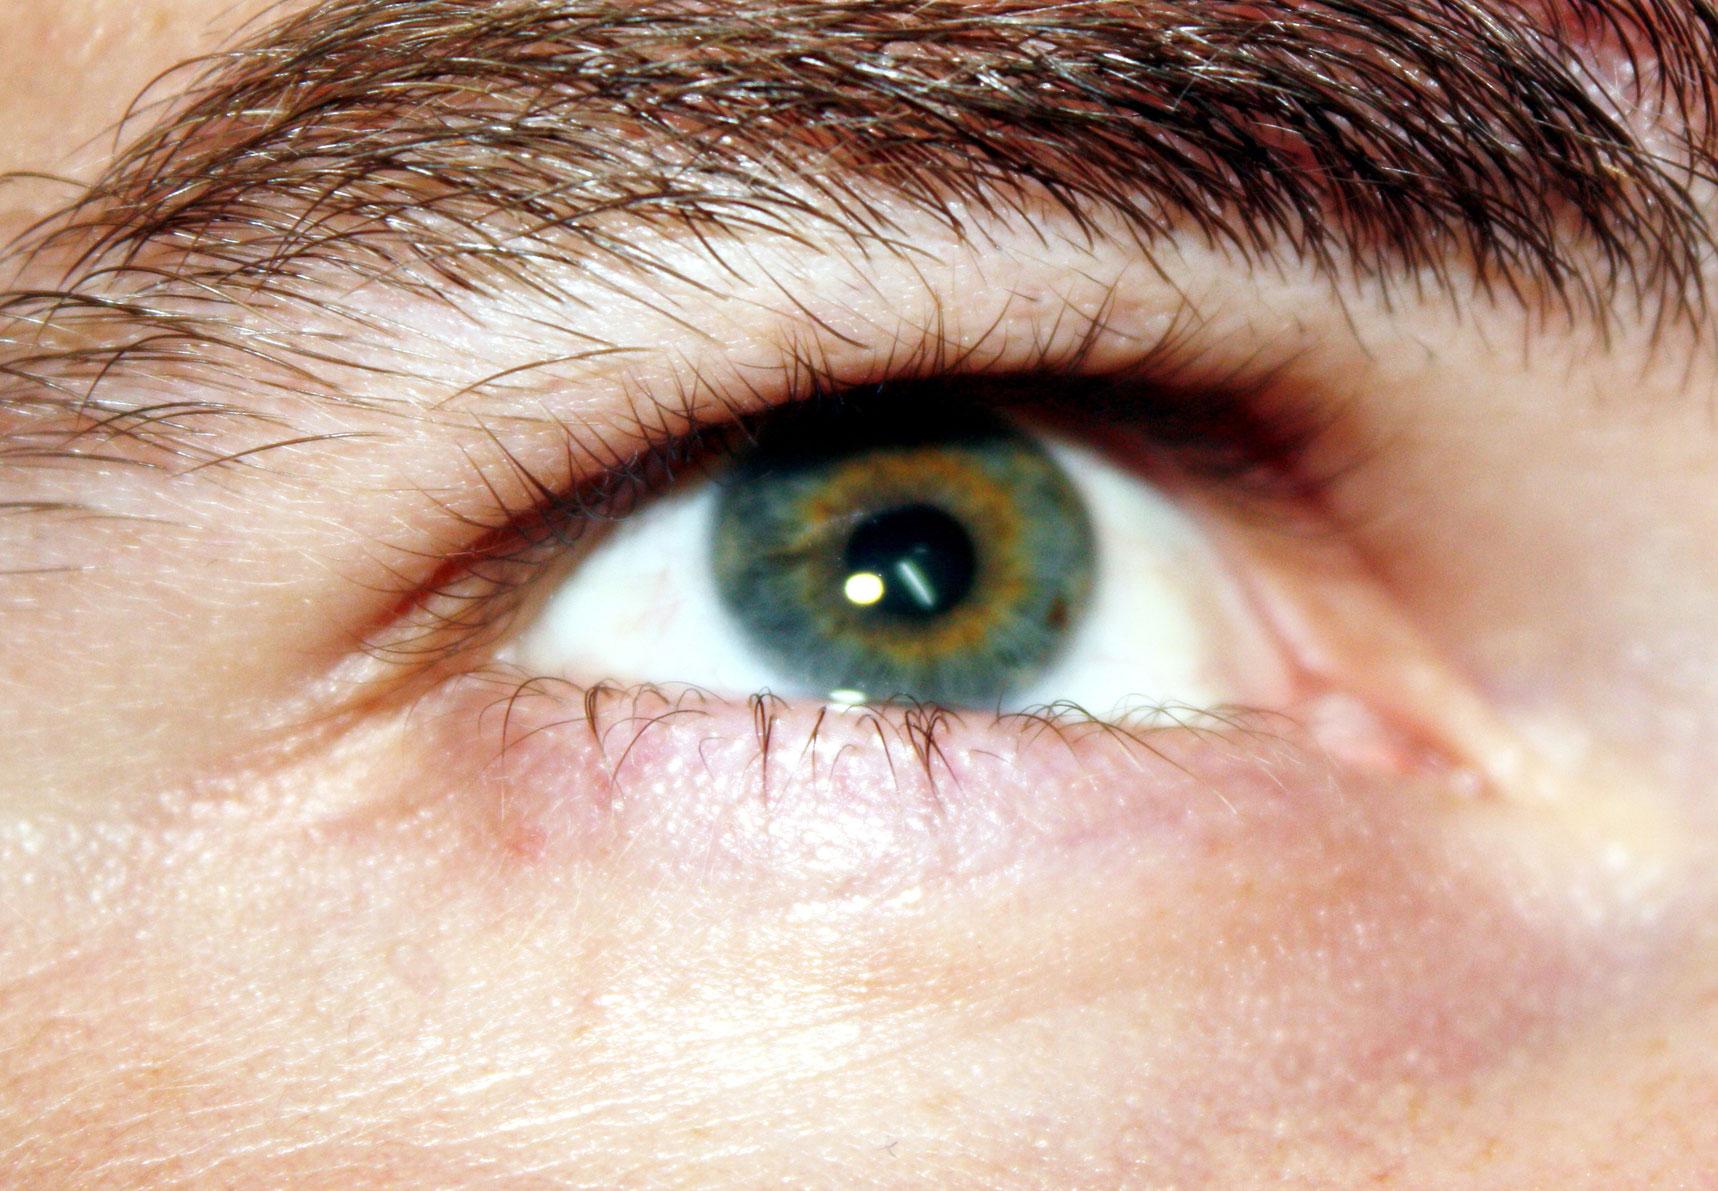 Hogyan lehet helyreállítani a látást otthon? - Színes vakság September